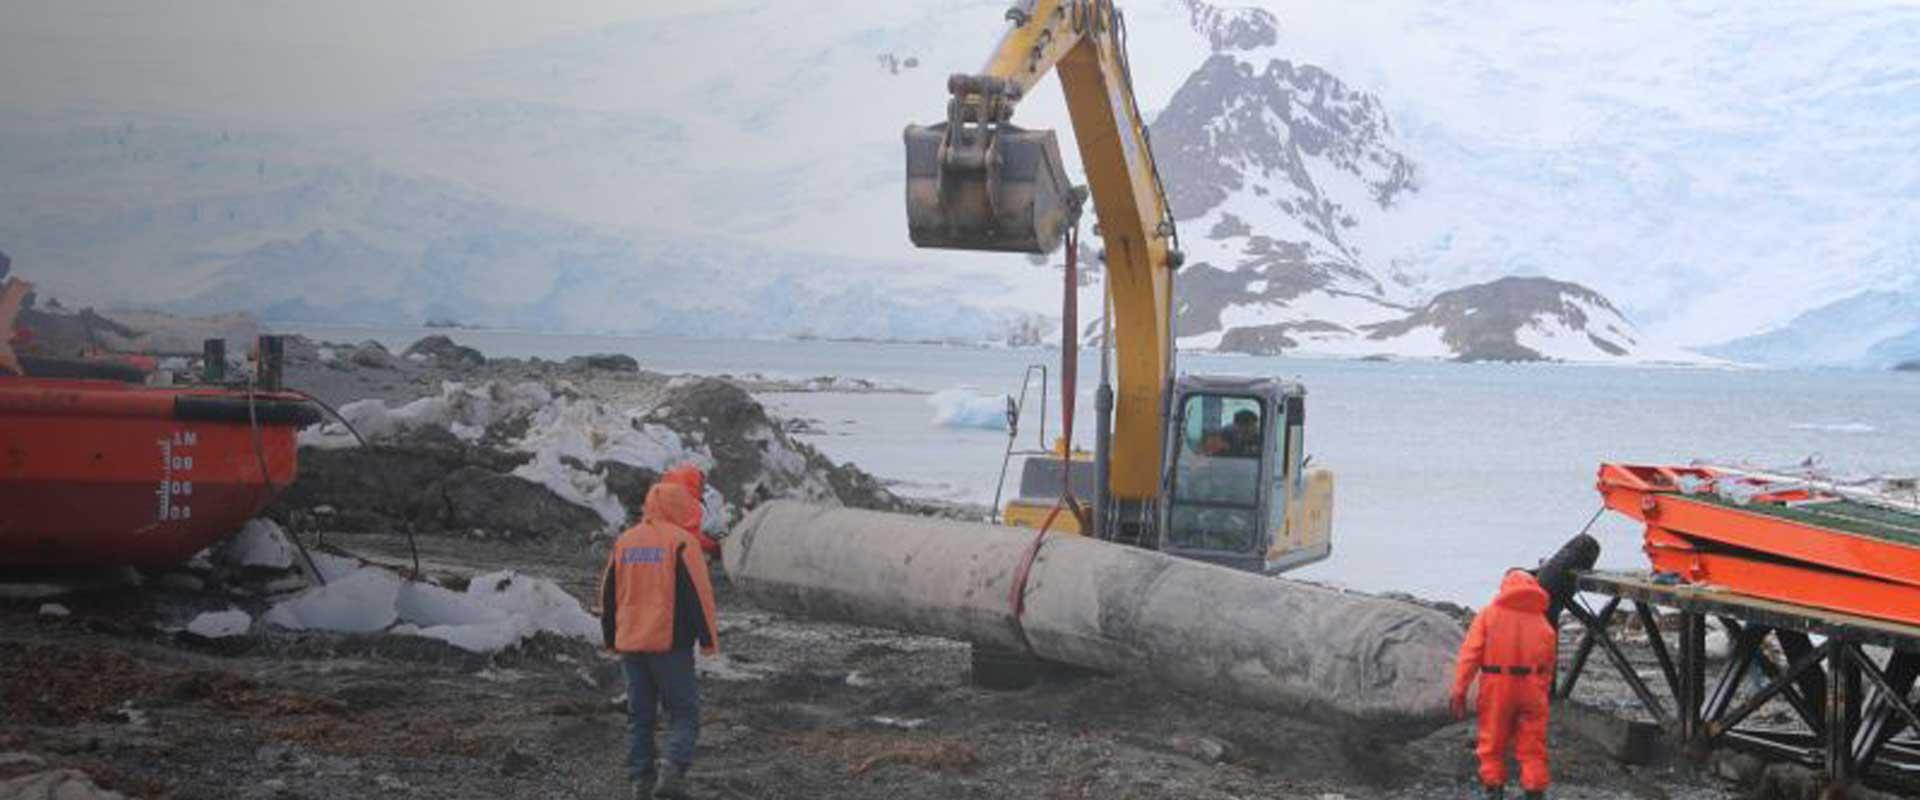 南极基地重建